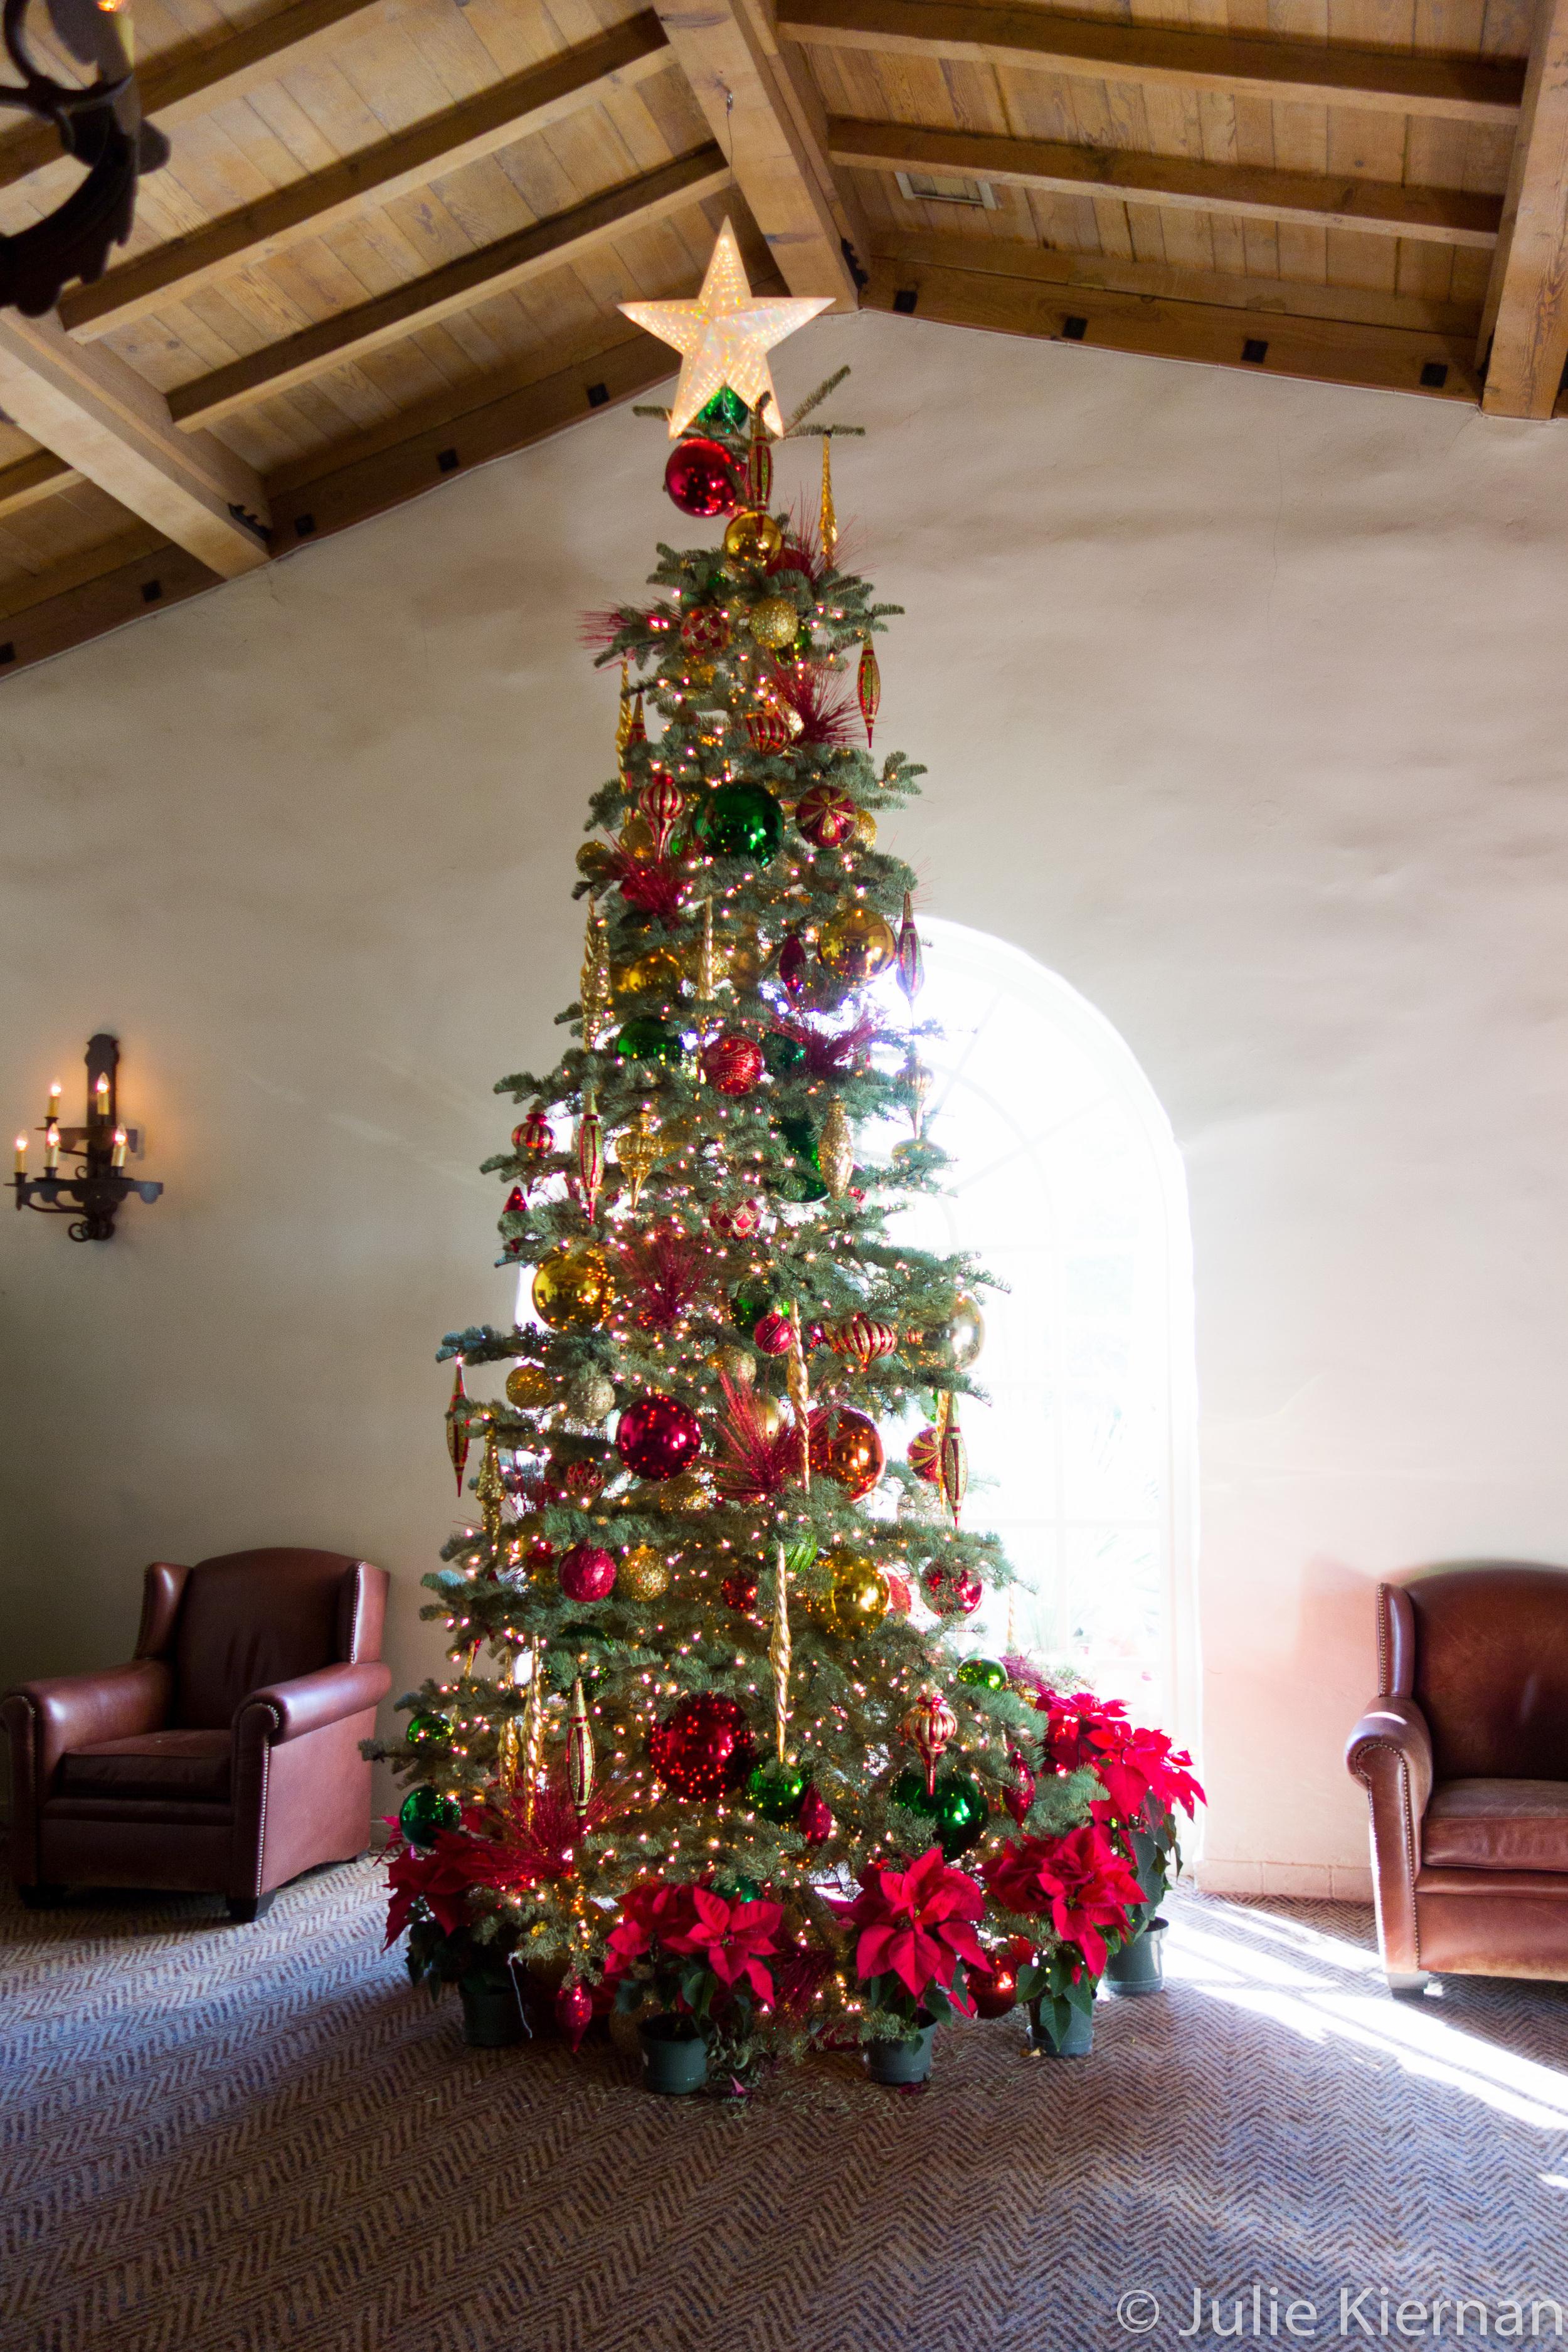 14:52 2 Tree inside the lodge